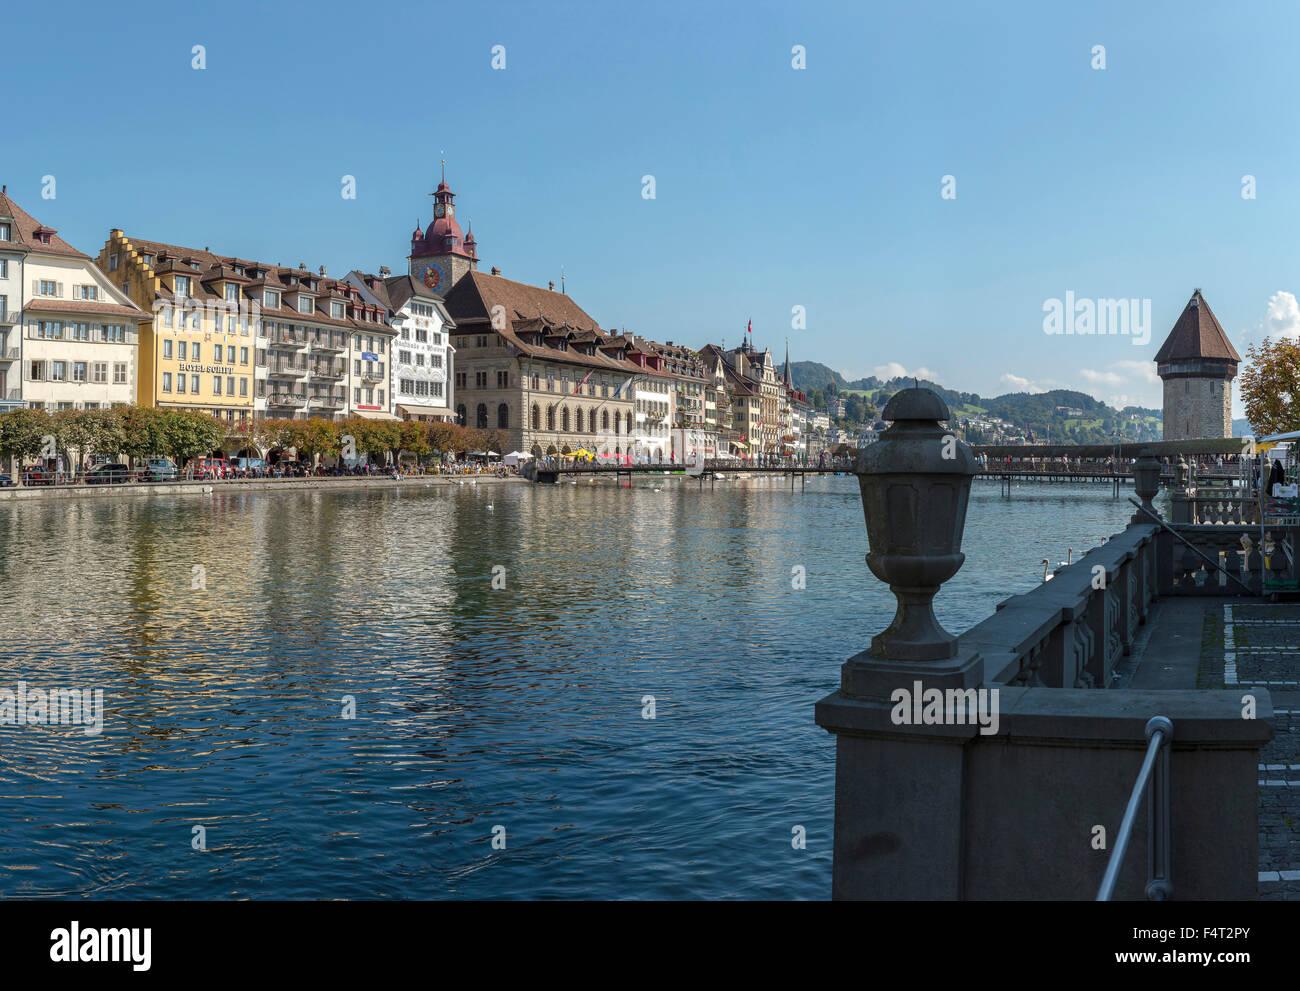 Switzerland, Europe, Luzern, Lucerne, embankment, Unter der Egg, Rathaussteg, bridge, city, water, summer, mountains, - Stock Image